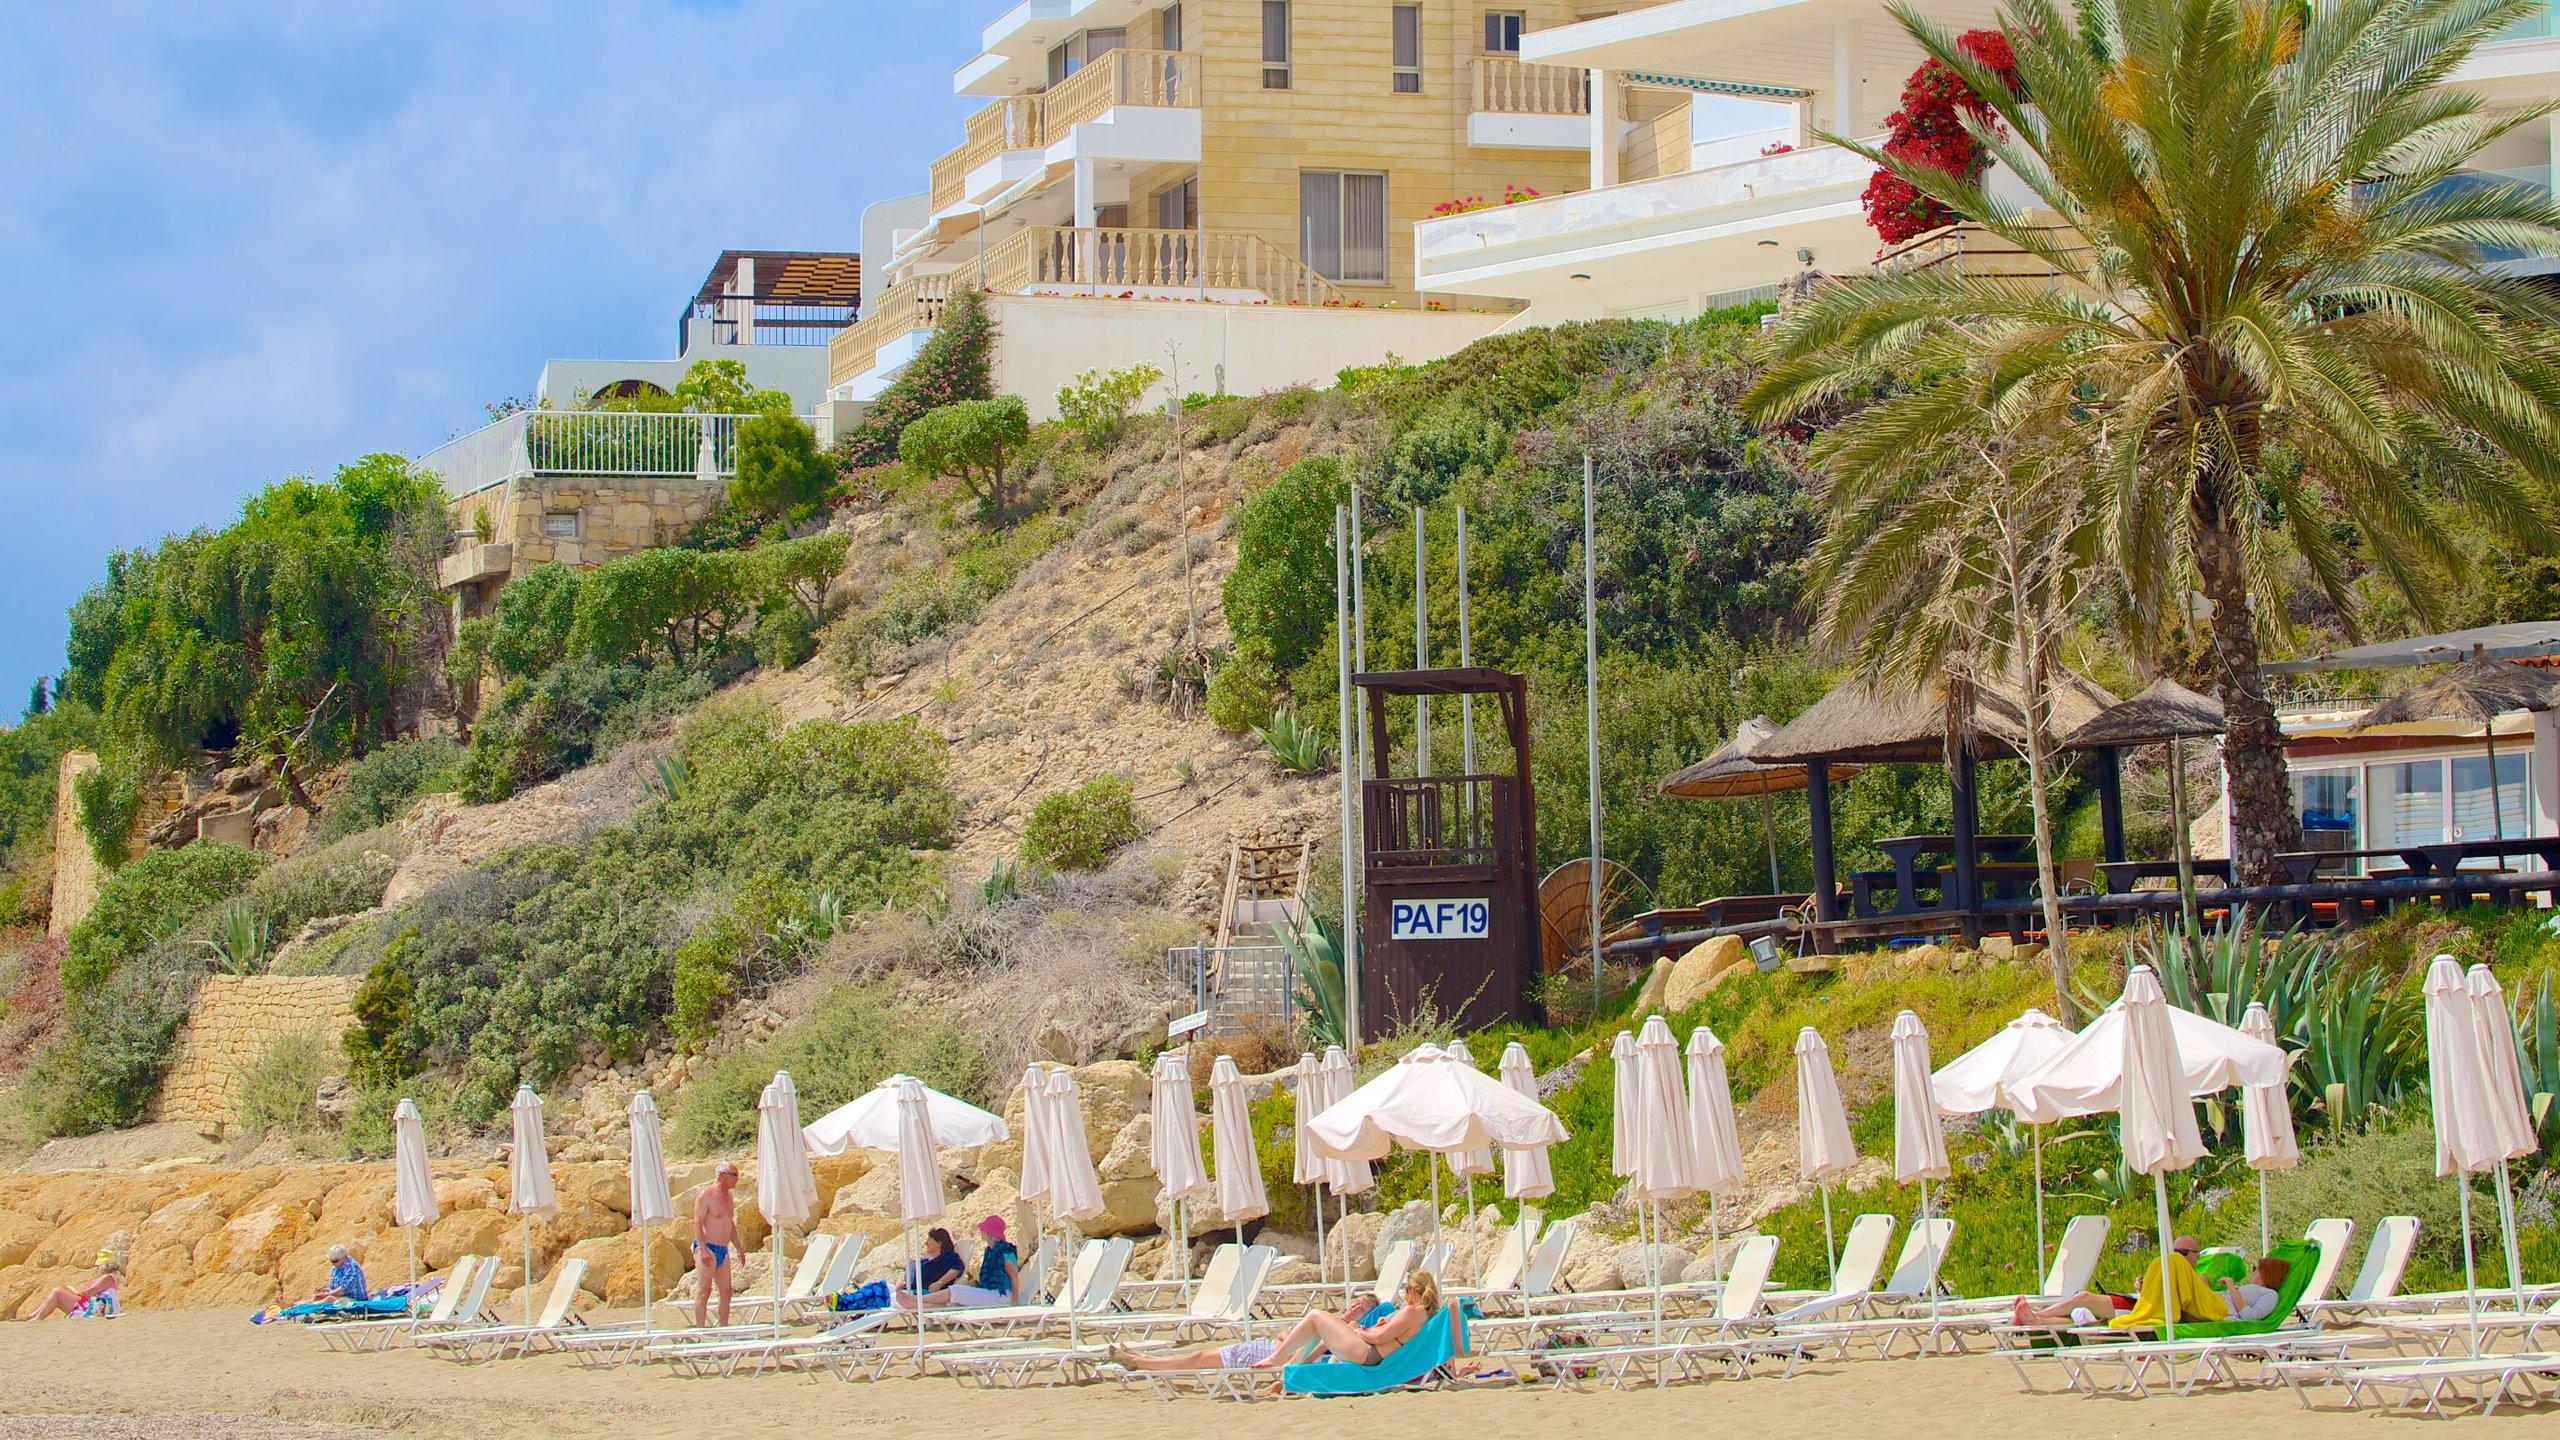 Coral Bay Beach, Pegeia, Cyprus